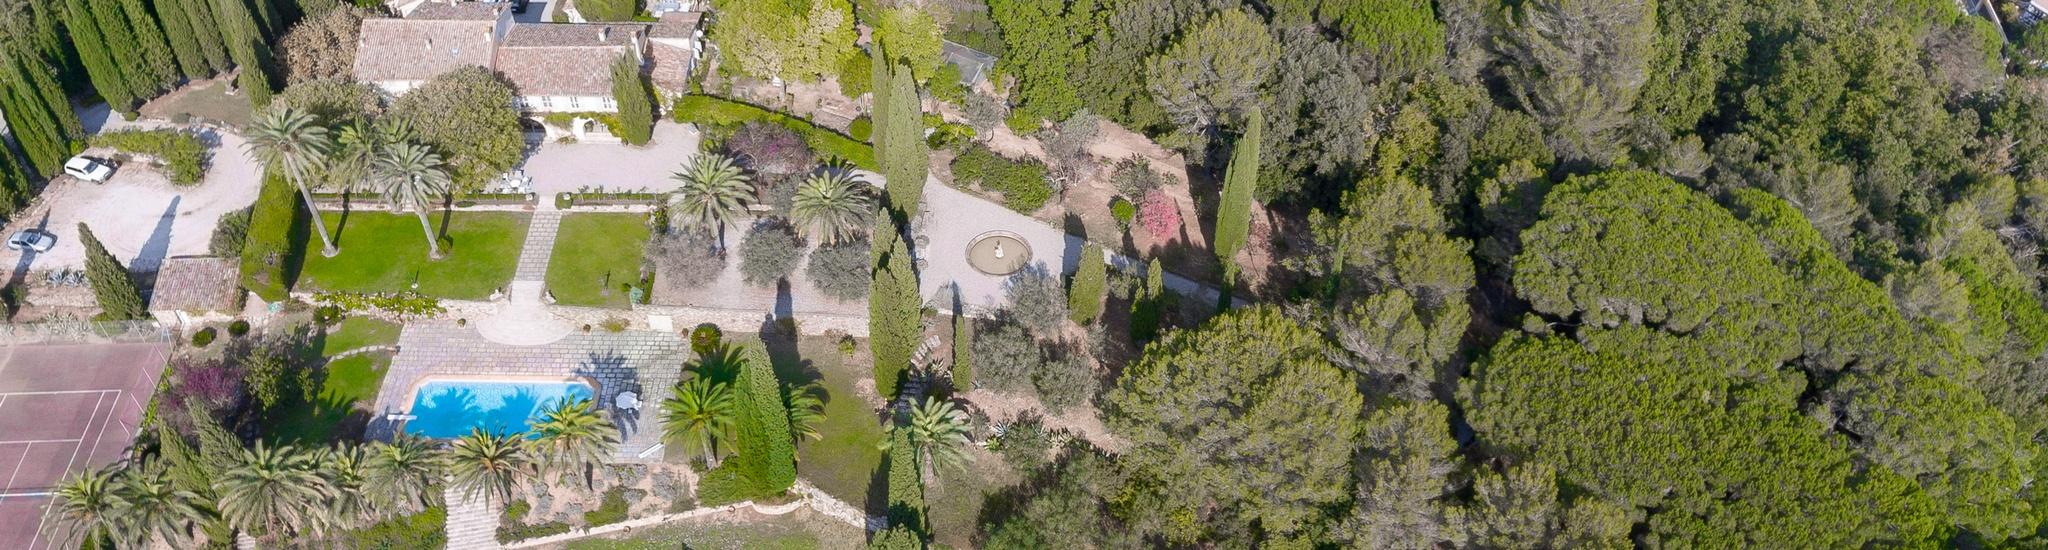 AURIBEAU SUR SIAGNE - 06810 ARRI�RE PAYS CANNOIS - Exceptionnel domaine d'environ 4 hectares, le c...